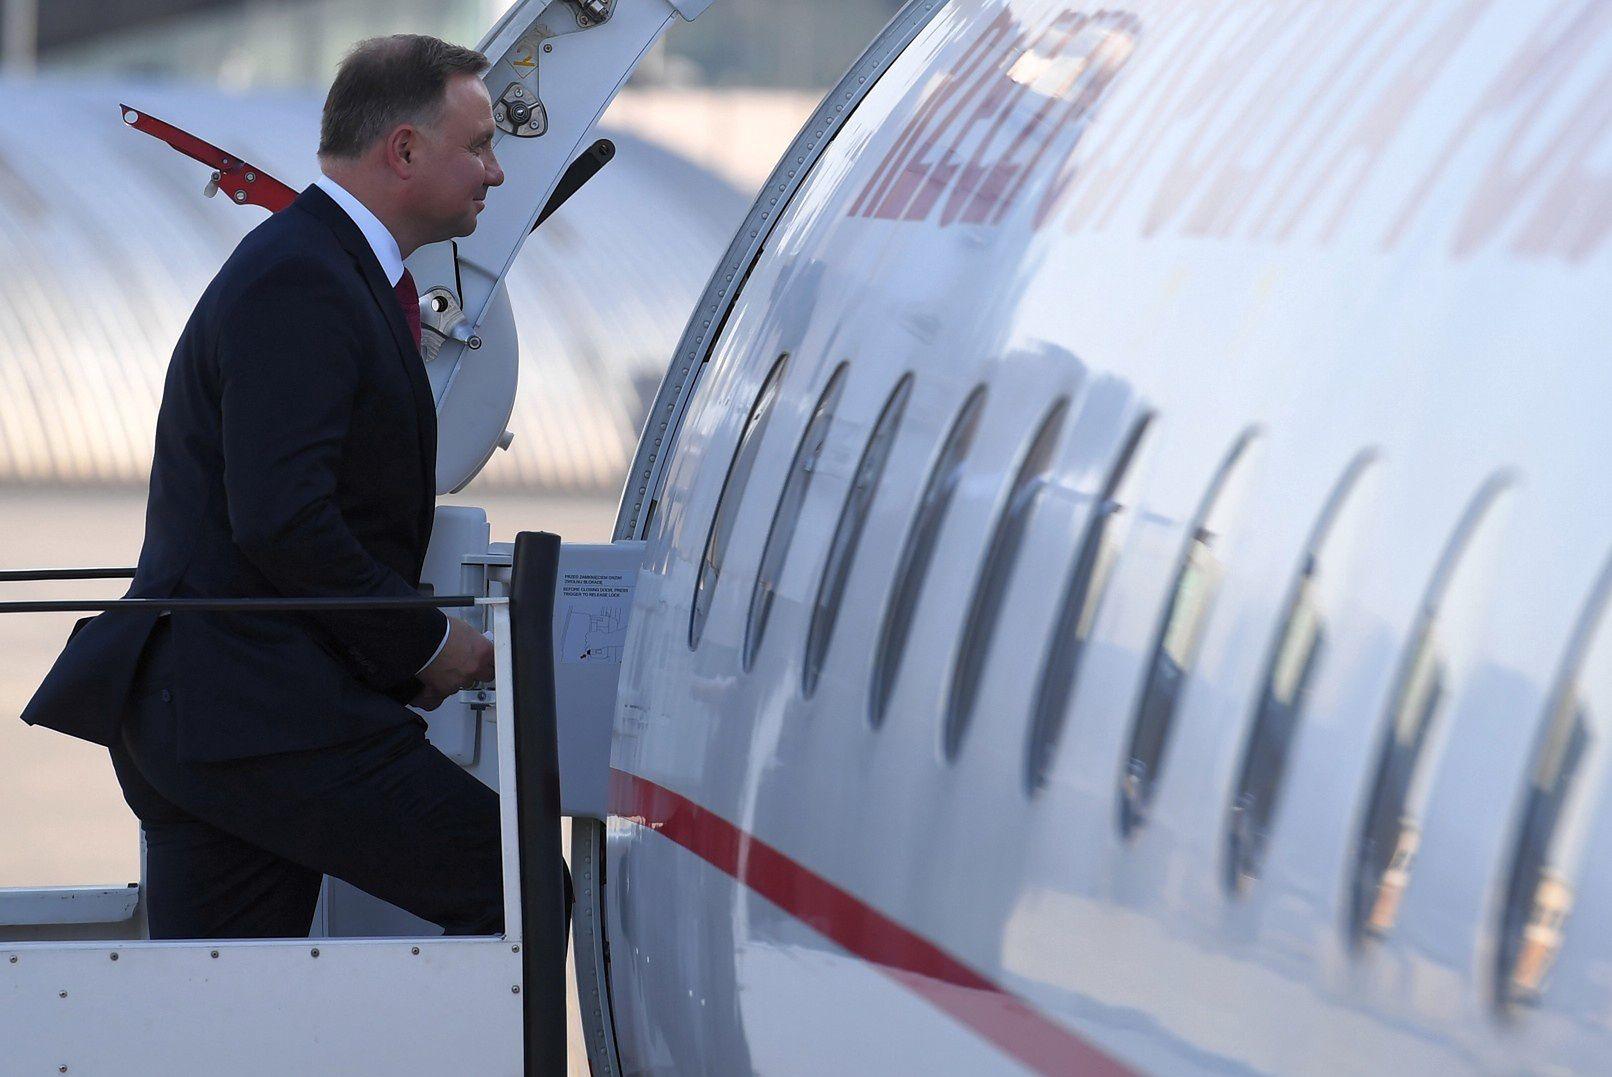 Ujawniamy. Tak tuszowano incydent z udziałem prezydenta Andrzeja Dudy